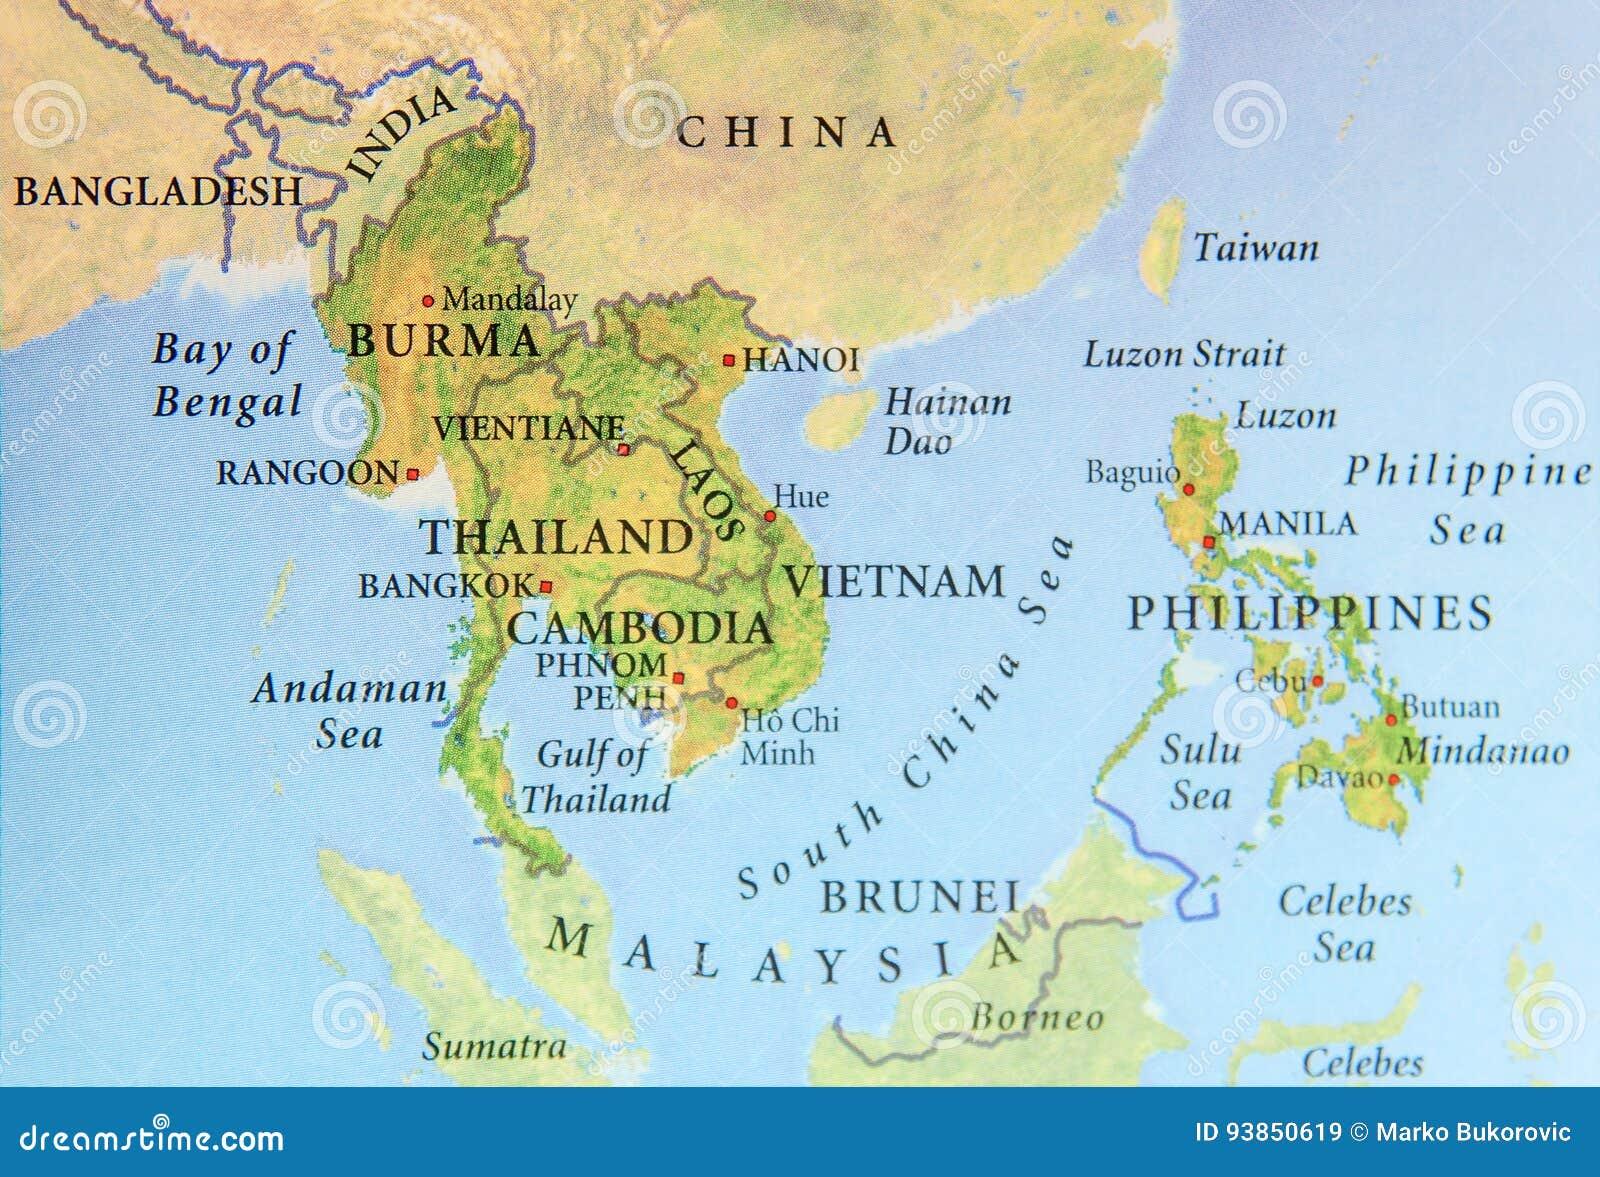 Tra Vietnam E Thailandia Cartina Geografica.Mappa Geografica Della Birmania Della Tailandia Della Cambogia Del Vietnam E Di Filippine Con Le Citta Importanti Immagine Stock Immagine Di Chiusura Geografico 93850619